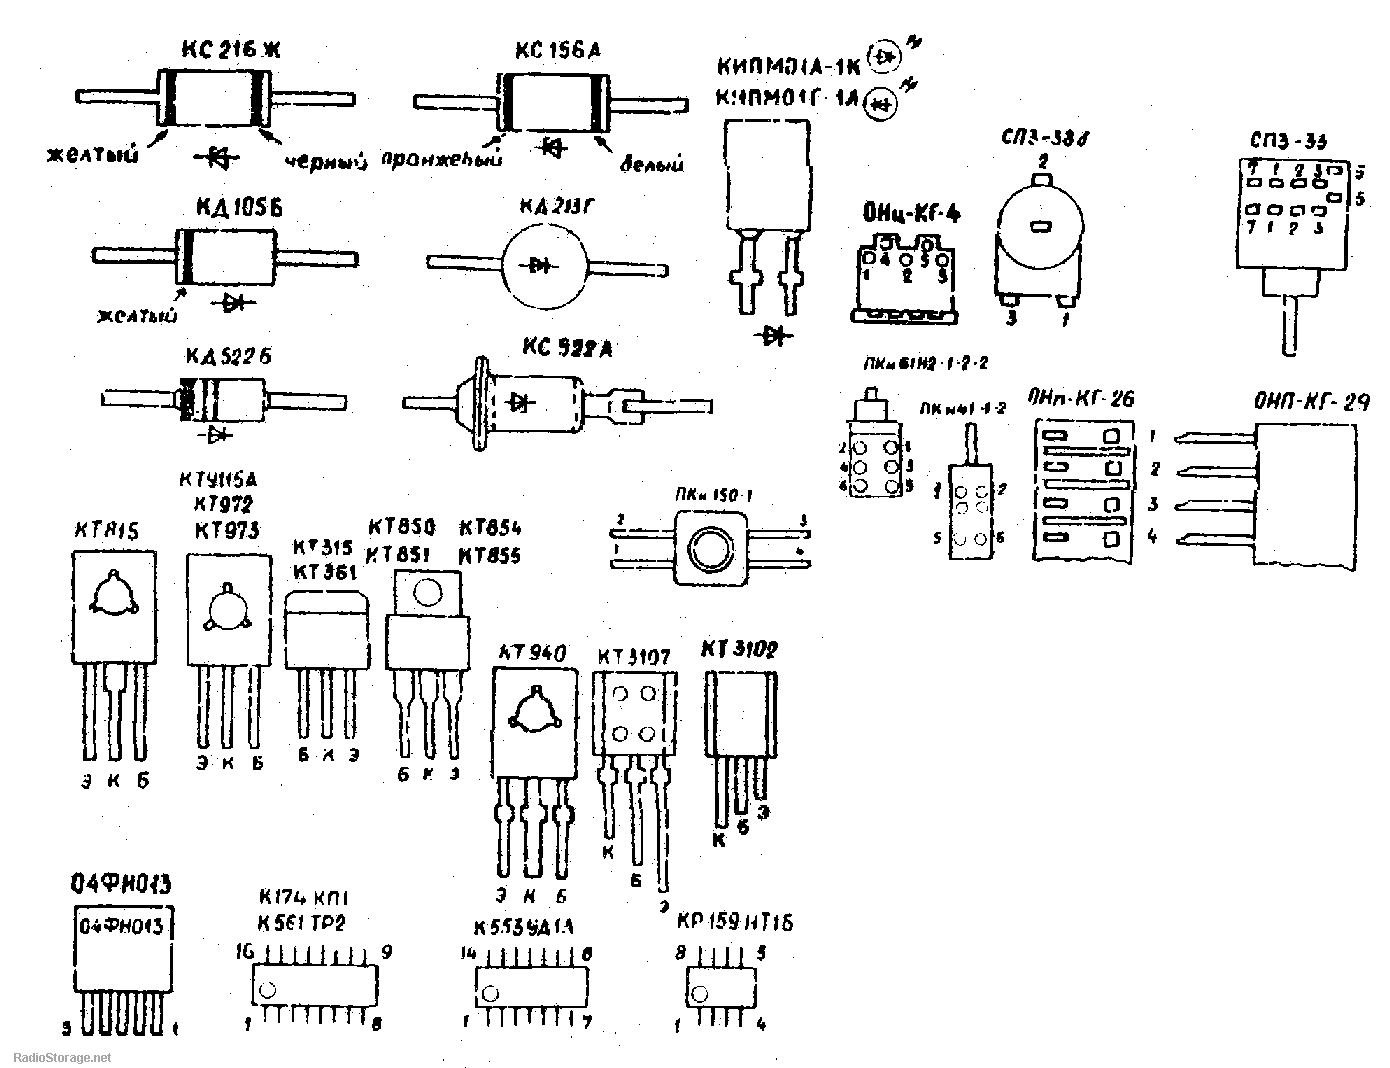 Усилитель Радиотехника У-7112 (Radiotehnika U-7112), схема